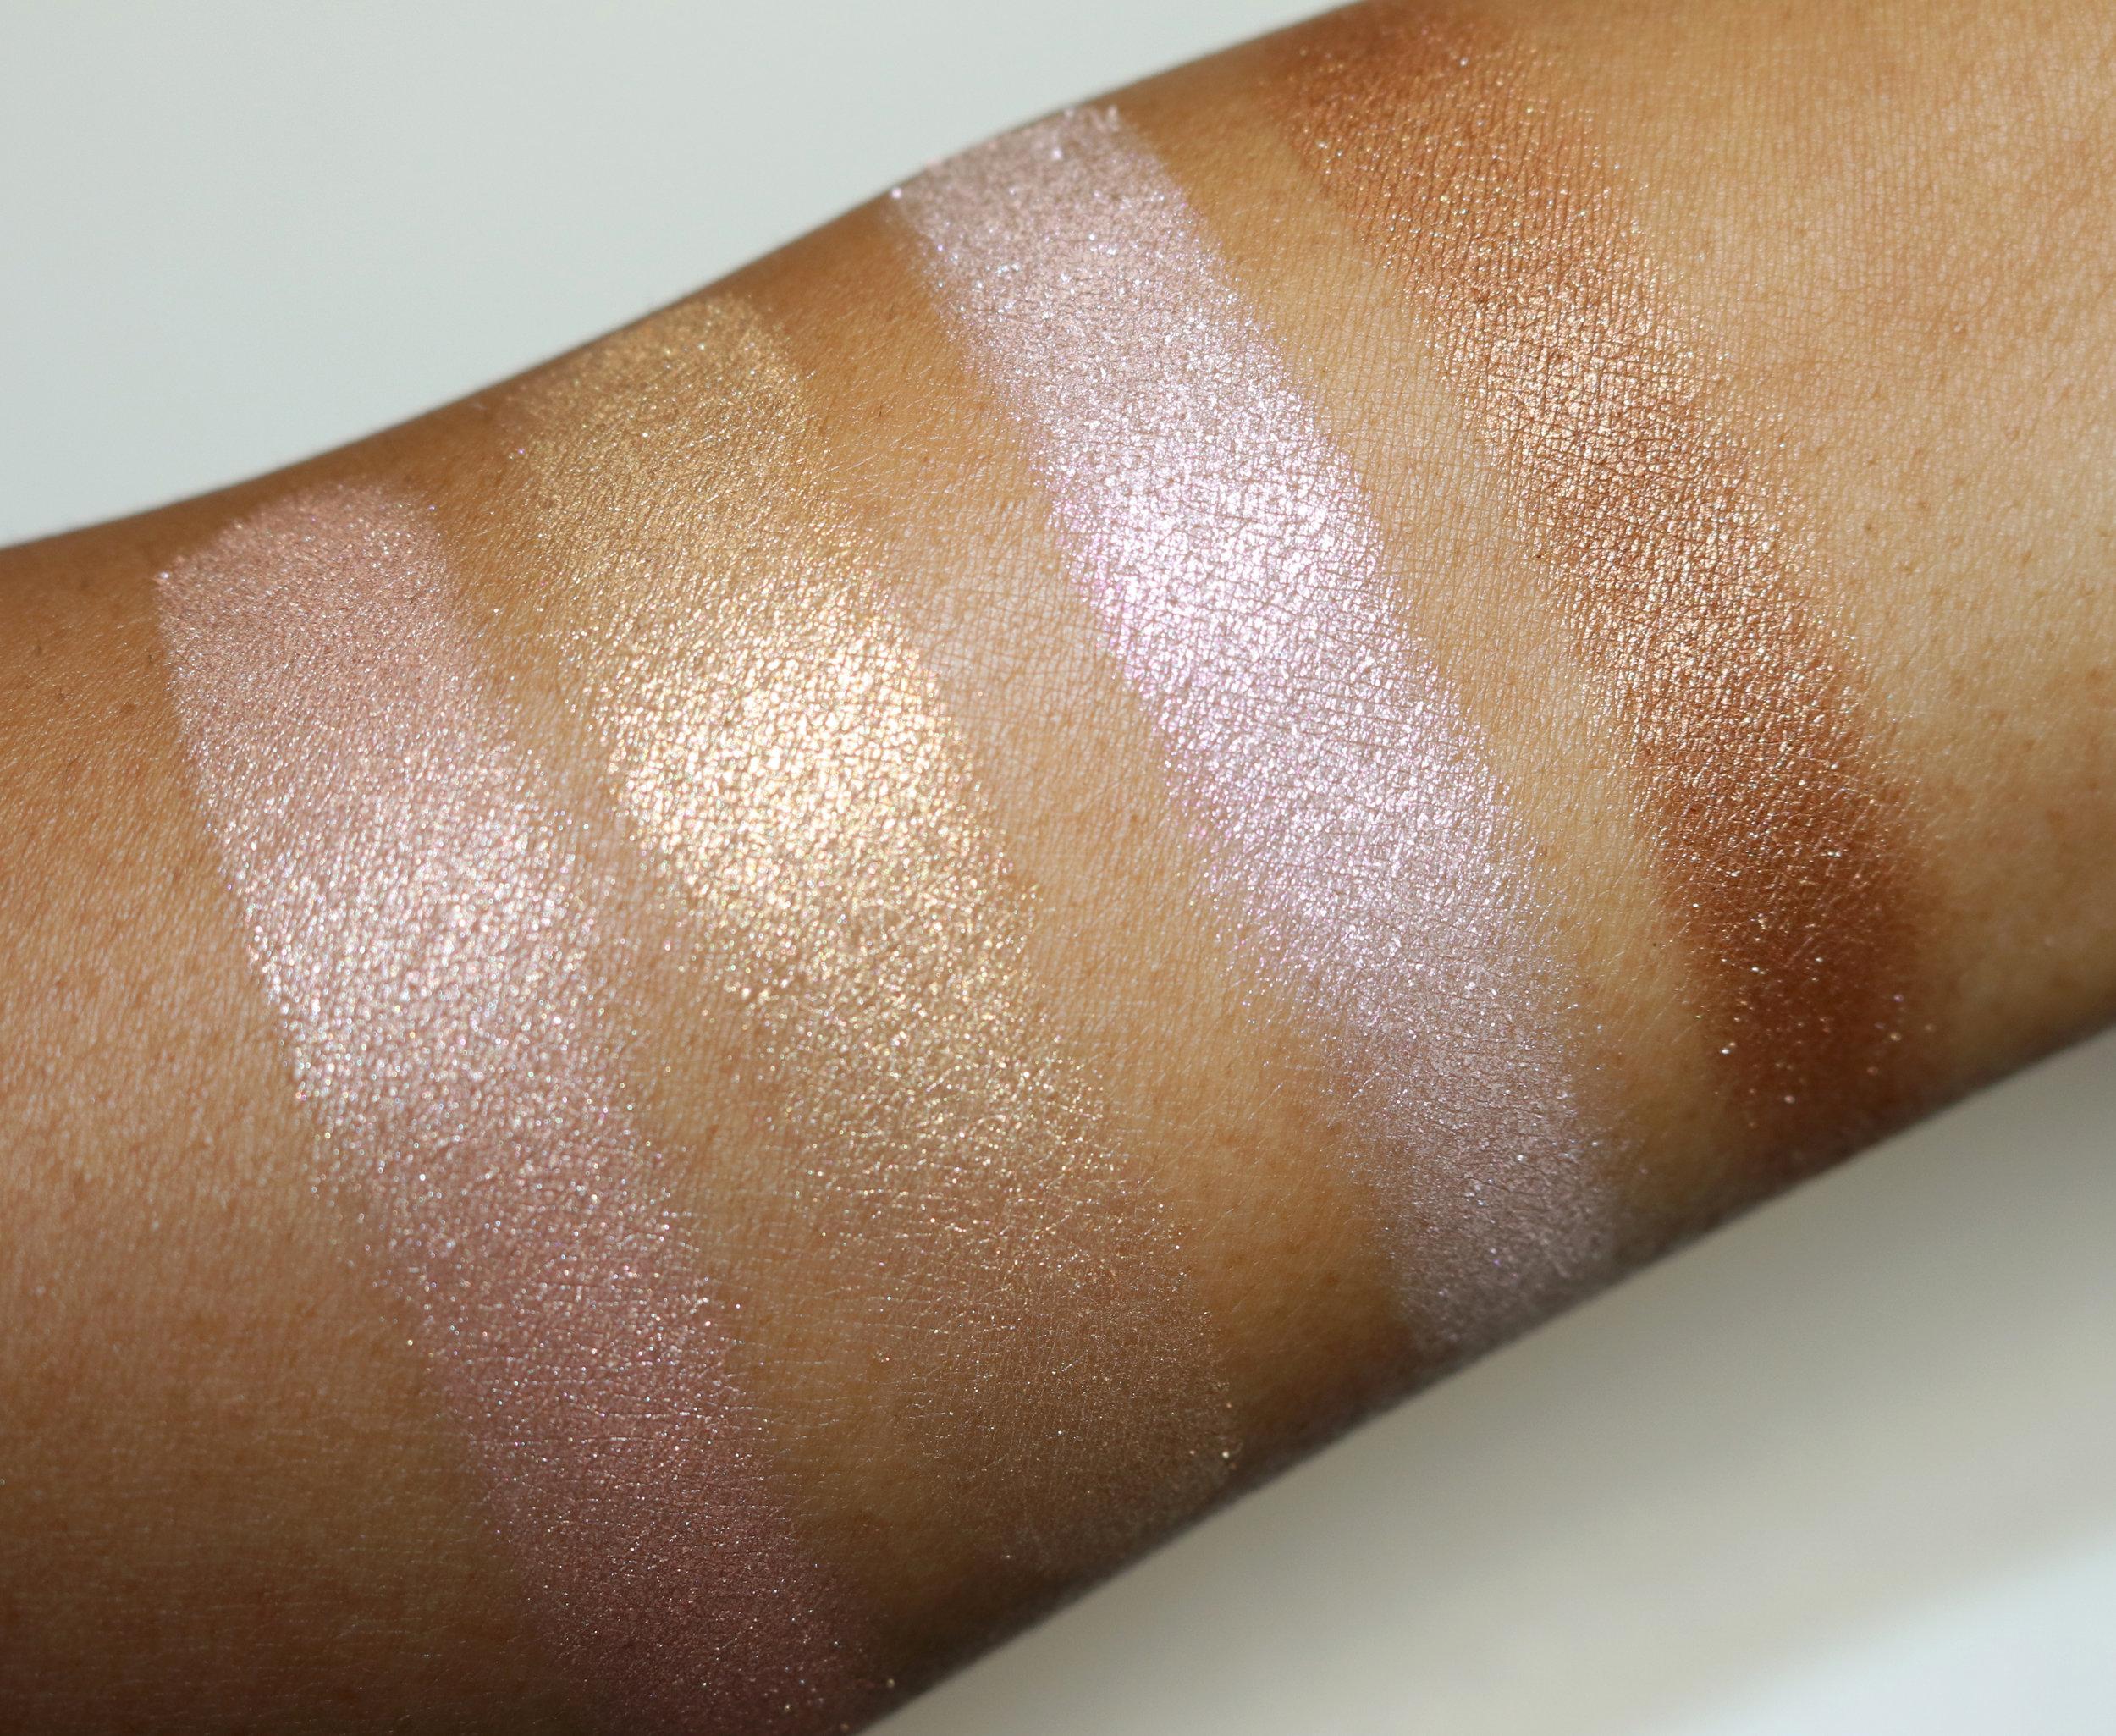 Face Illuminator Powder by Laura Mercier #15